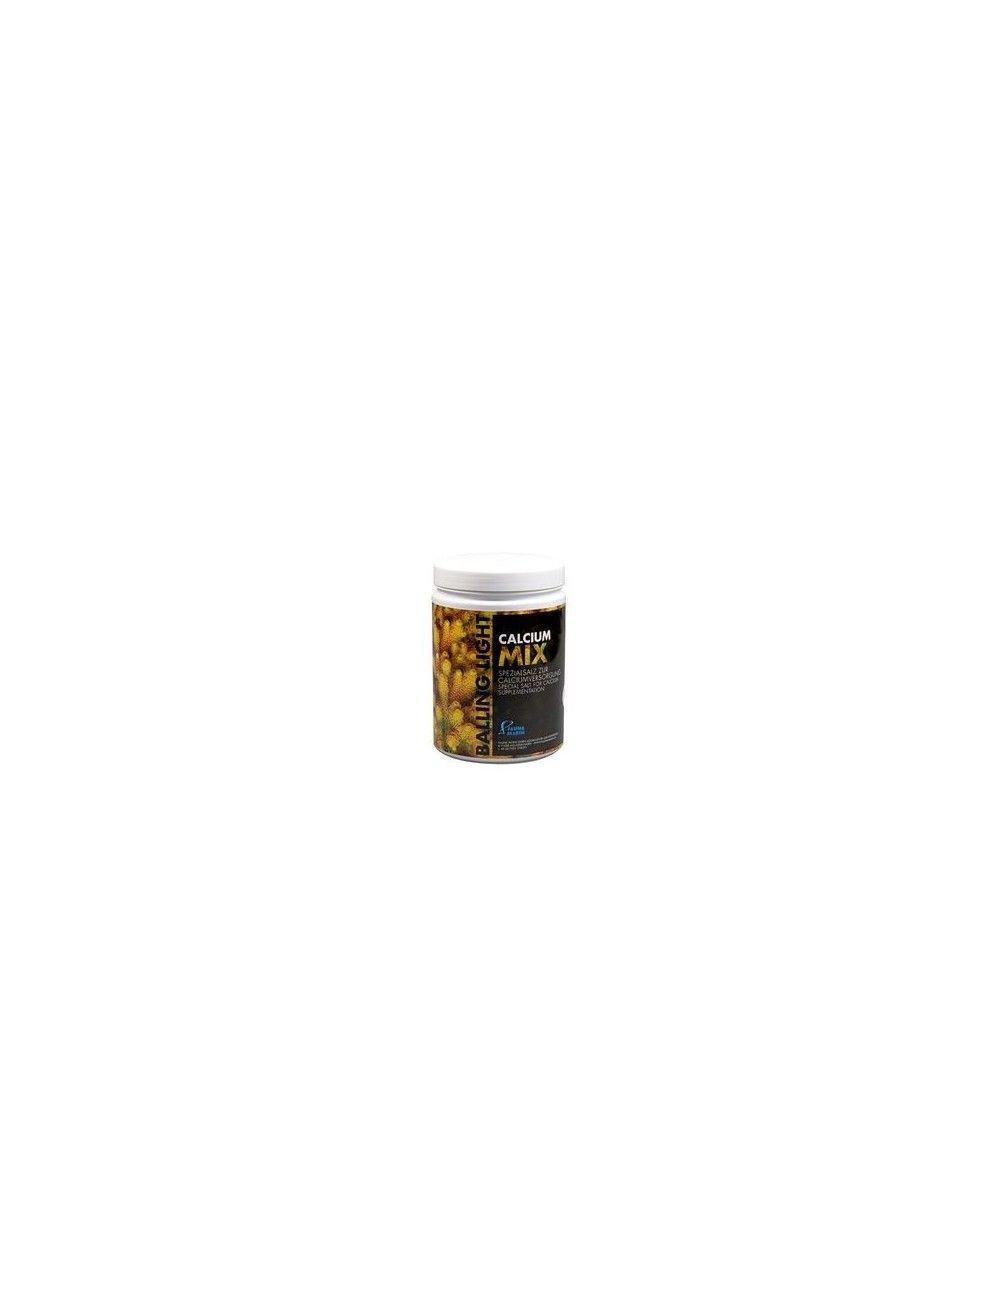 FAUNA MARIN - Balling Salz Calcium Mix 1kg